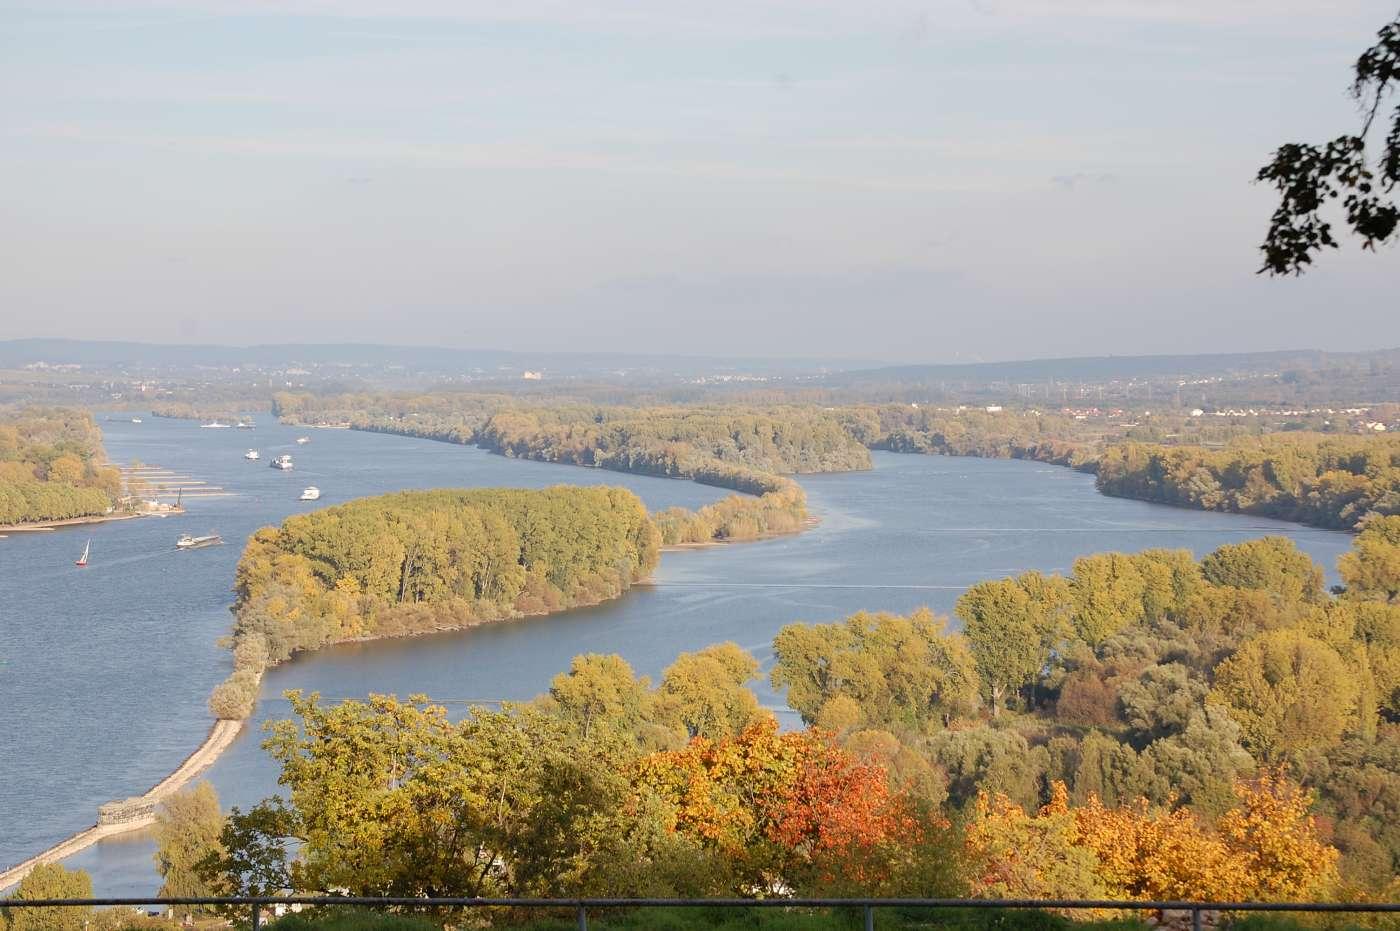 Einmalige Naturlandschaft: Der Inselrhein zwischen Mainz und Bingen